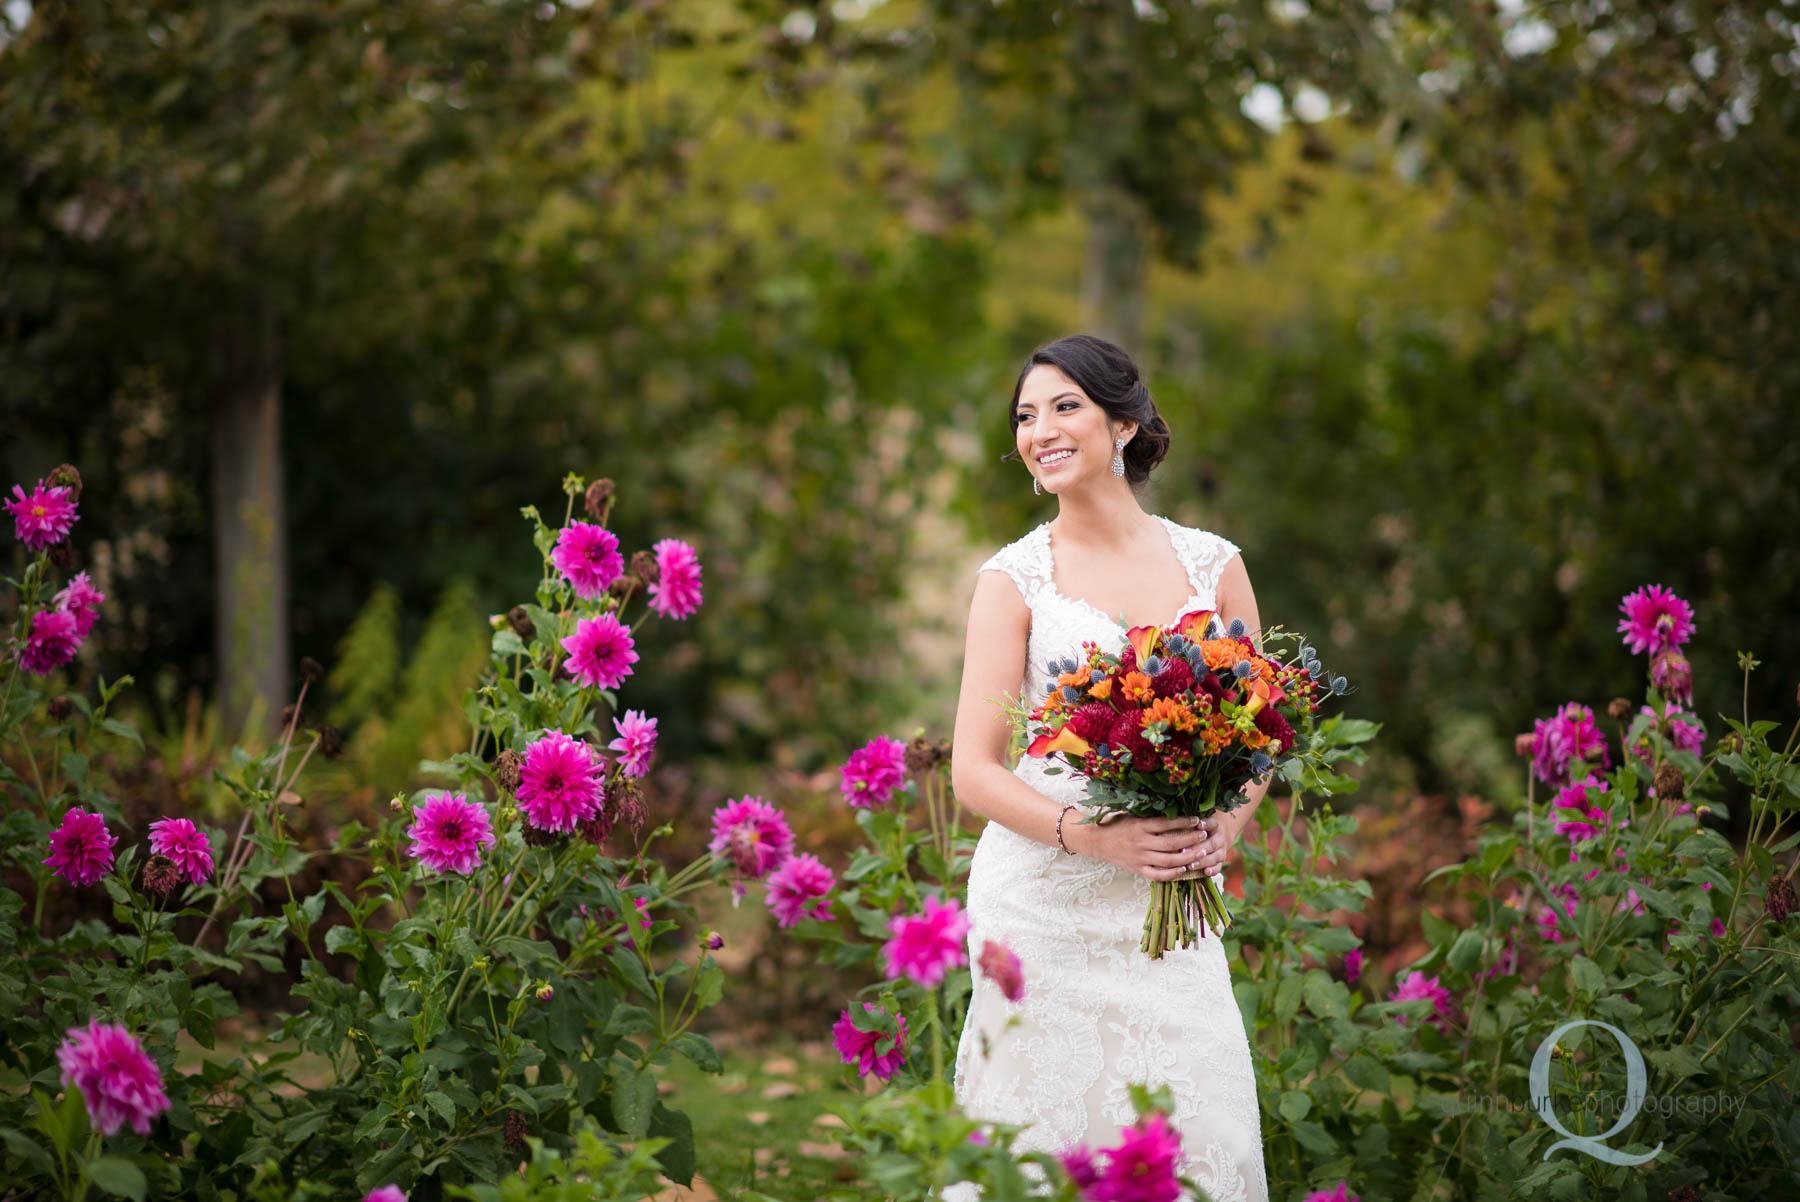 bride in flower garden at Green Villa Barn wedding